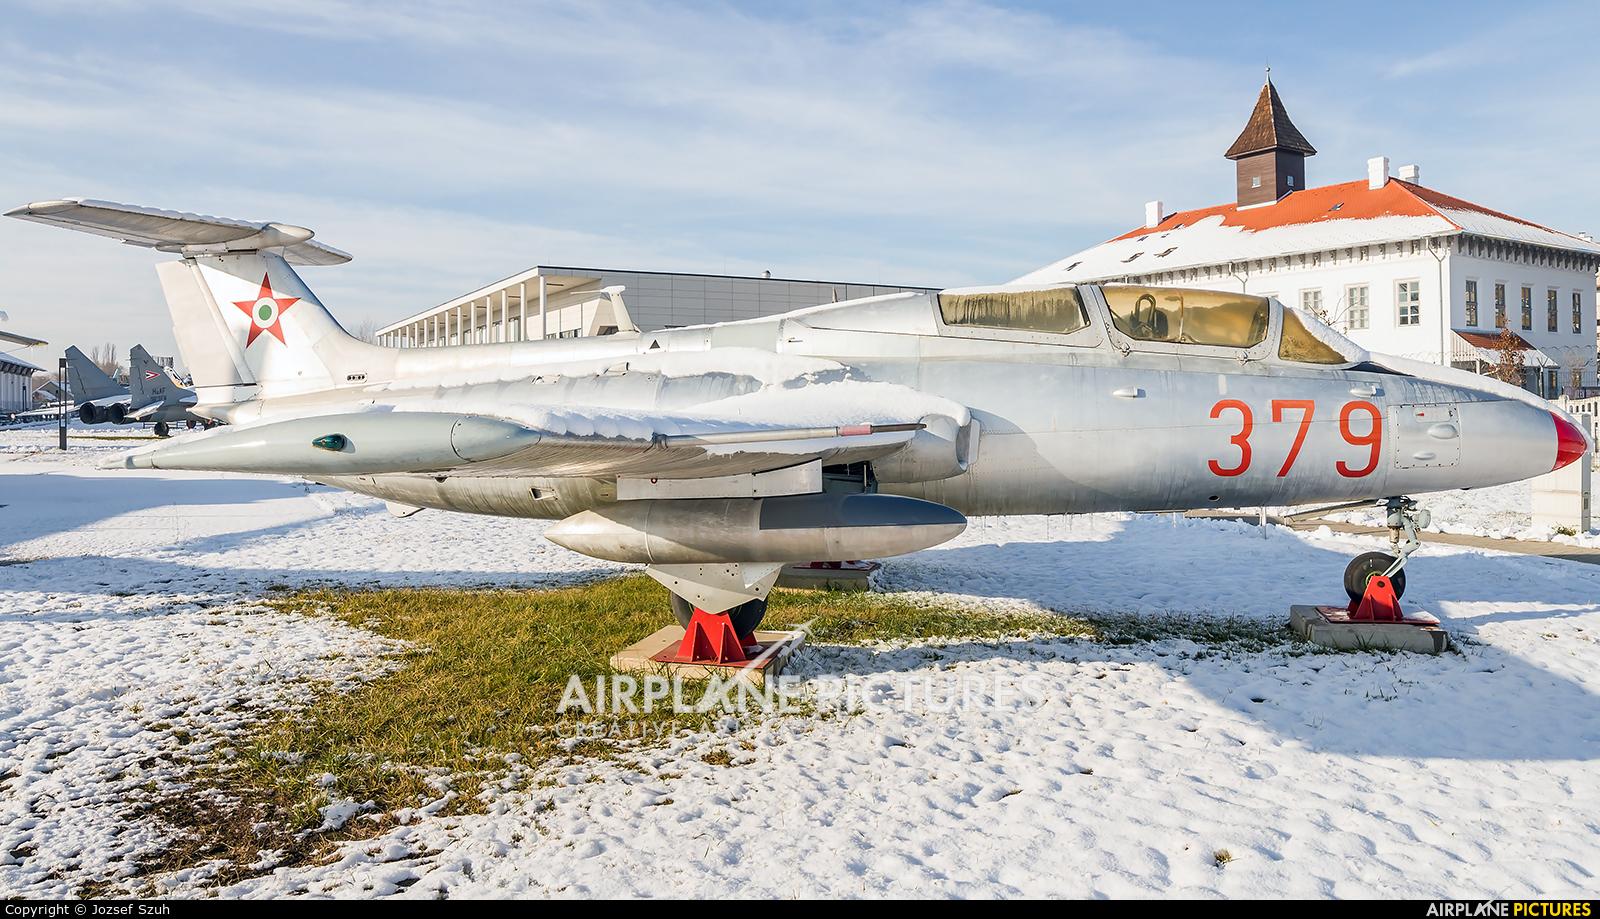 Hungary - Air Force 379 aircraft at Off Airport - Hungary